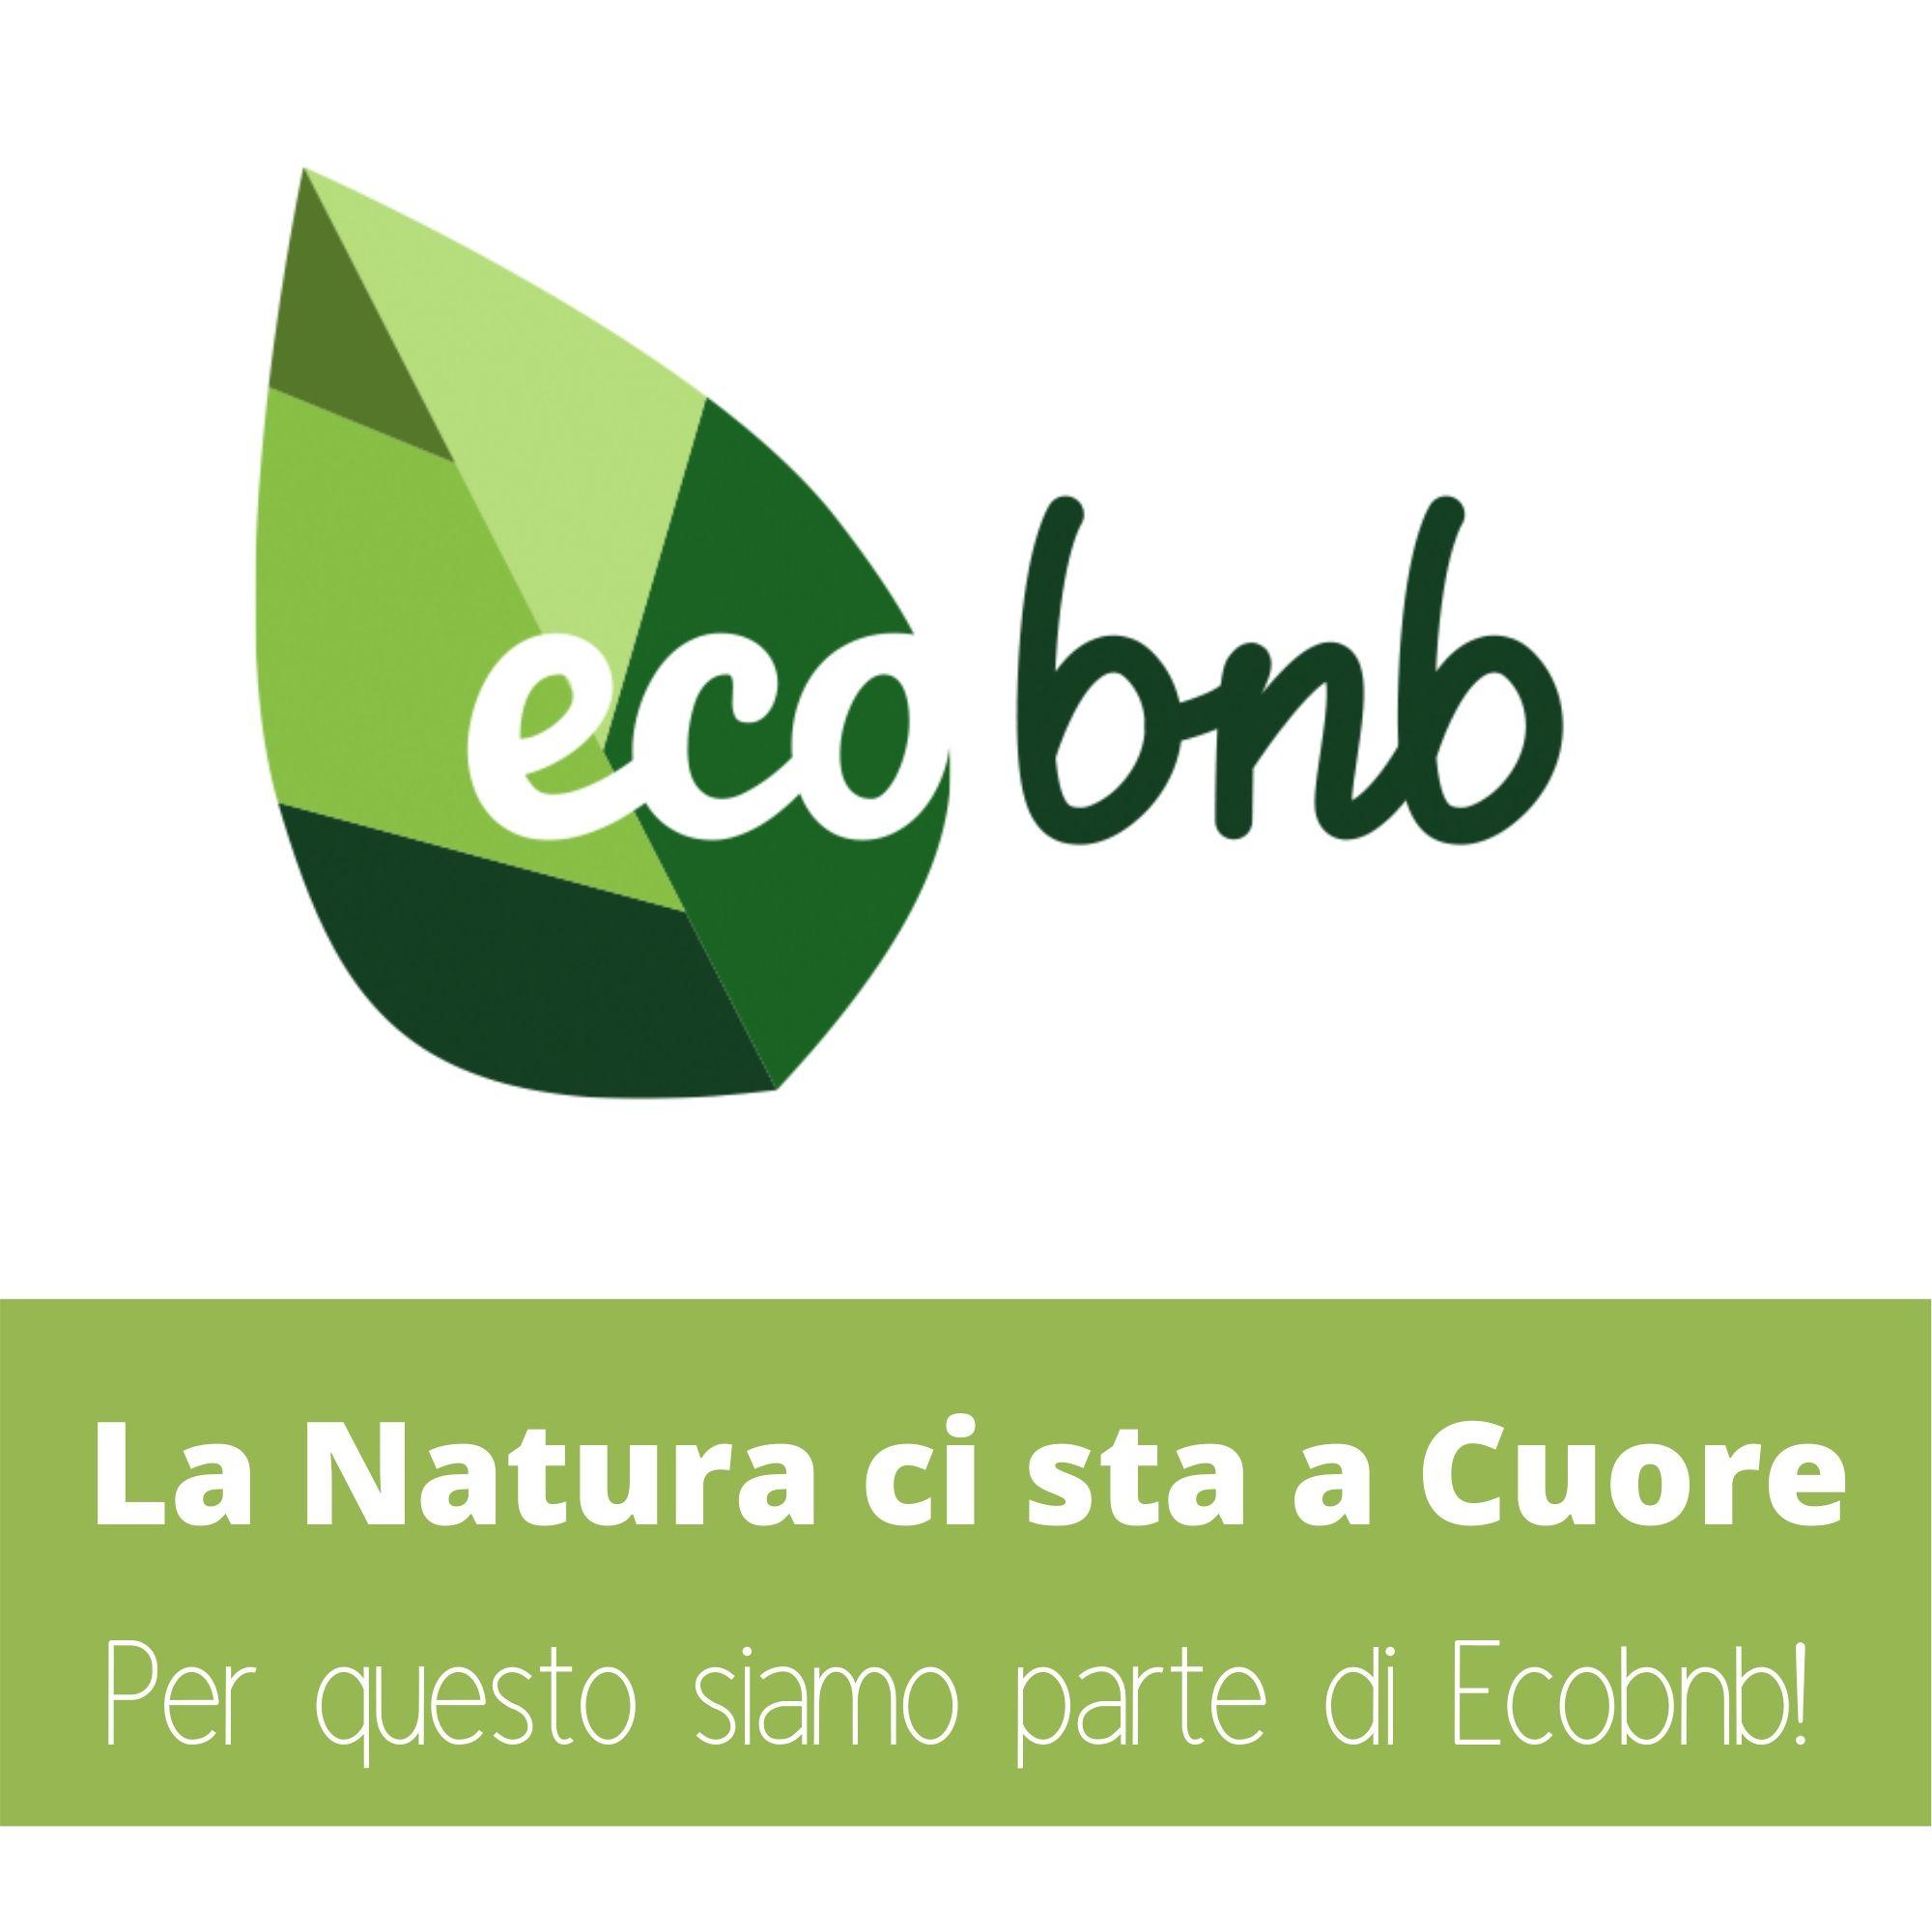 Stemma di Ecobnb per il tuo sito web